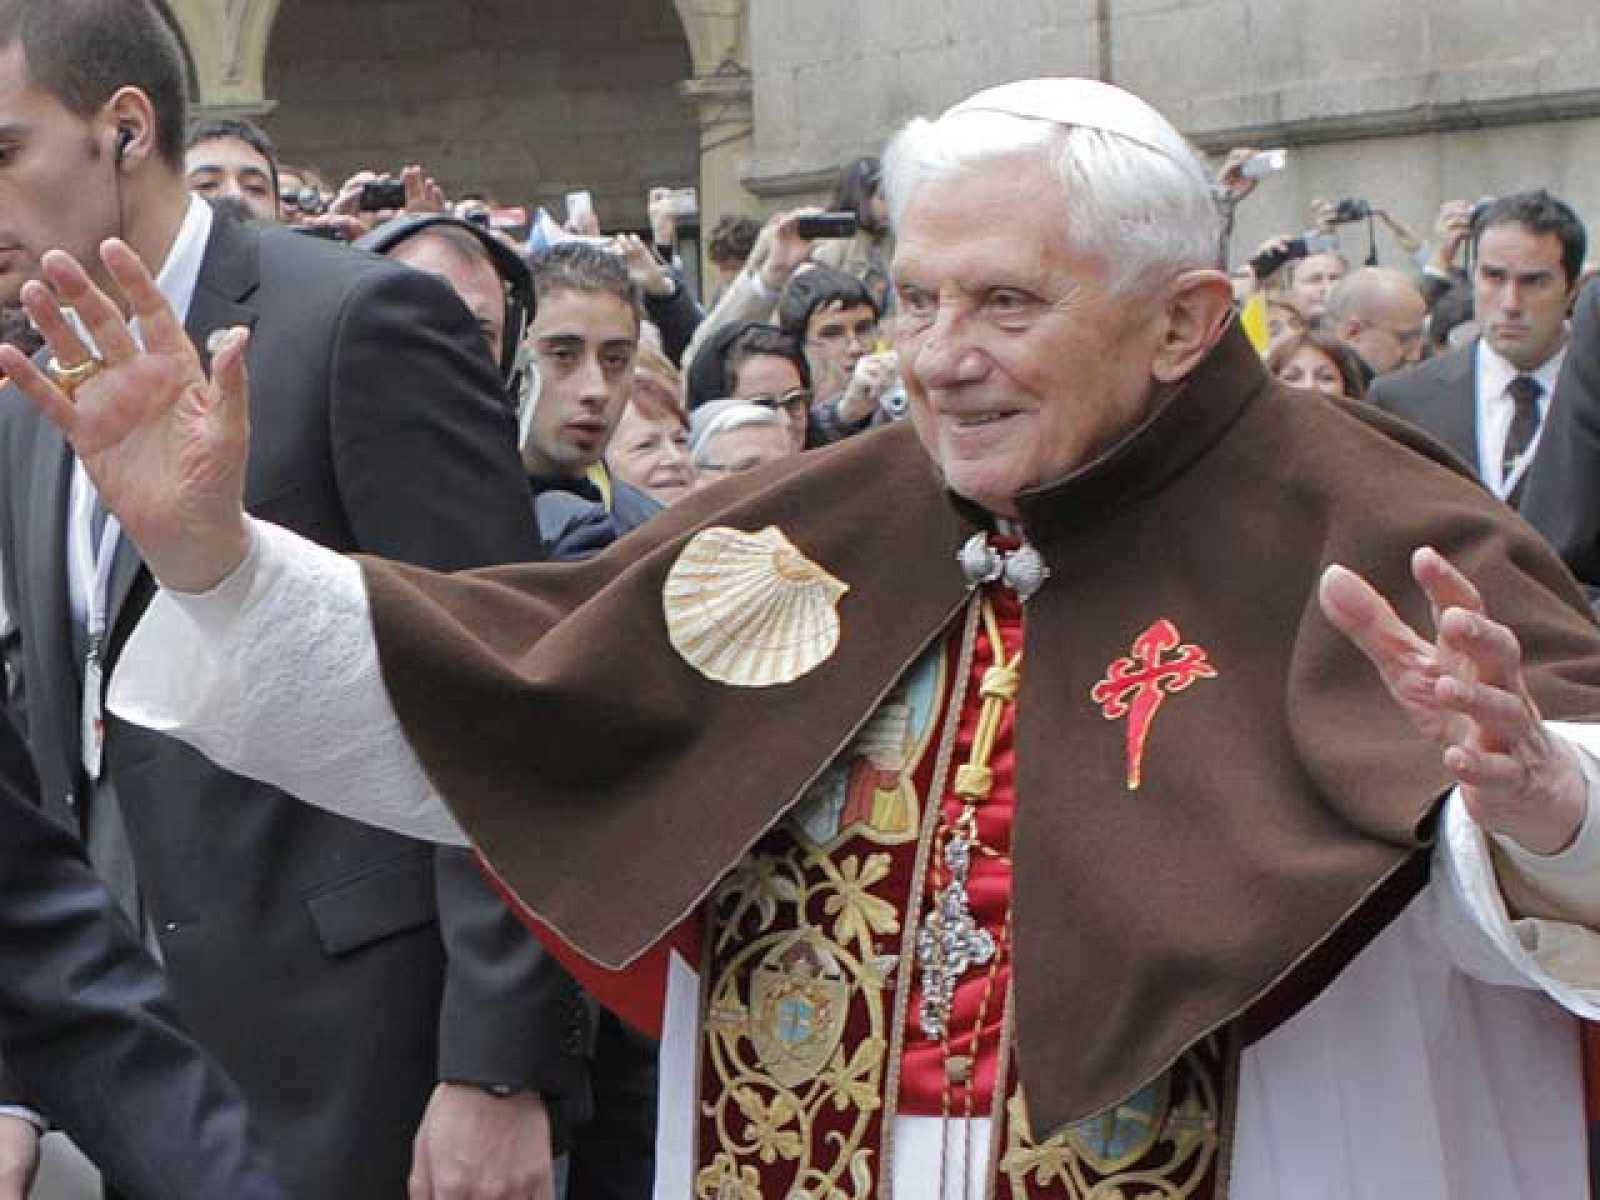 Benedicto XVI ha llegado a Santiago y se ha dirigido a la catedral, donde ha realizado el mismo ritual que los peregrinos